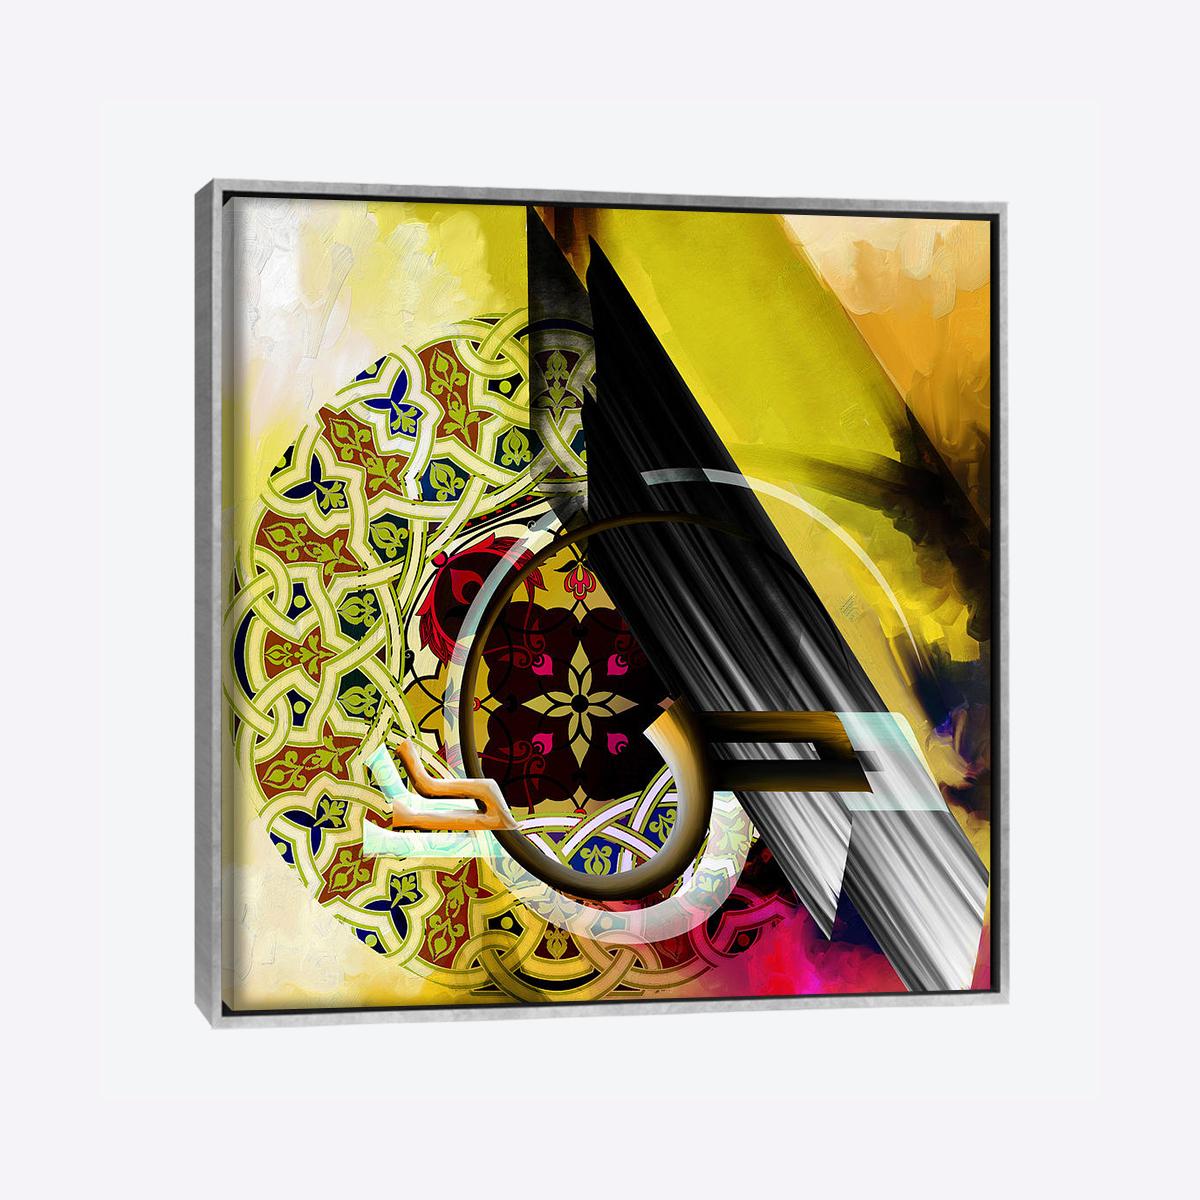 لوحات جدارية - حرف الصاد مع الزخارف الملونة - لوحات حائط مميزة من كانفسي ستور تحت عنوان أجمل لوحات تداخل الخطوط العربية مع سحر الطابع الشرقي الان بين يديك وفي منزلك! تشتهر لوحات خط عربي بالسحر والجمال مع إعطاء شعور الأصالة في تنوع خطوط الكتابة العربية على الكانفس المشدود! اخيرا ! أضف لمسة من الفن العريق لمنزلك ولديكور غرفتك احصل على المزيد من لوحات الحائط المميزة من متجر كانفسي واستمتع بلمسة الجمال.